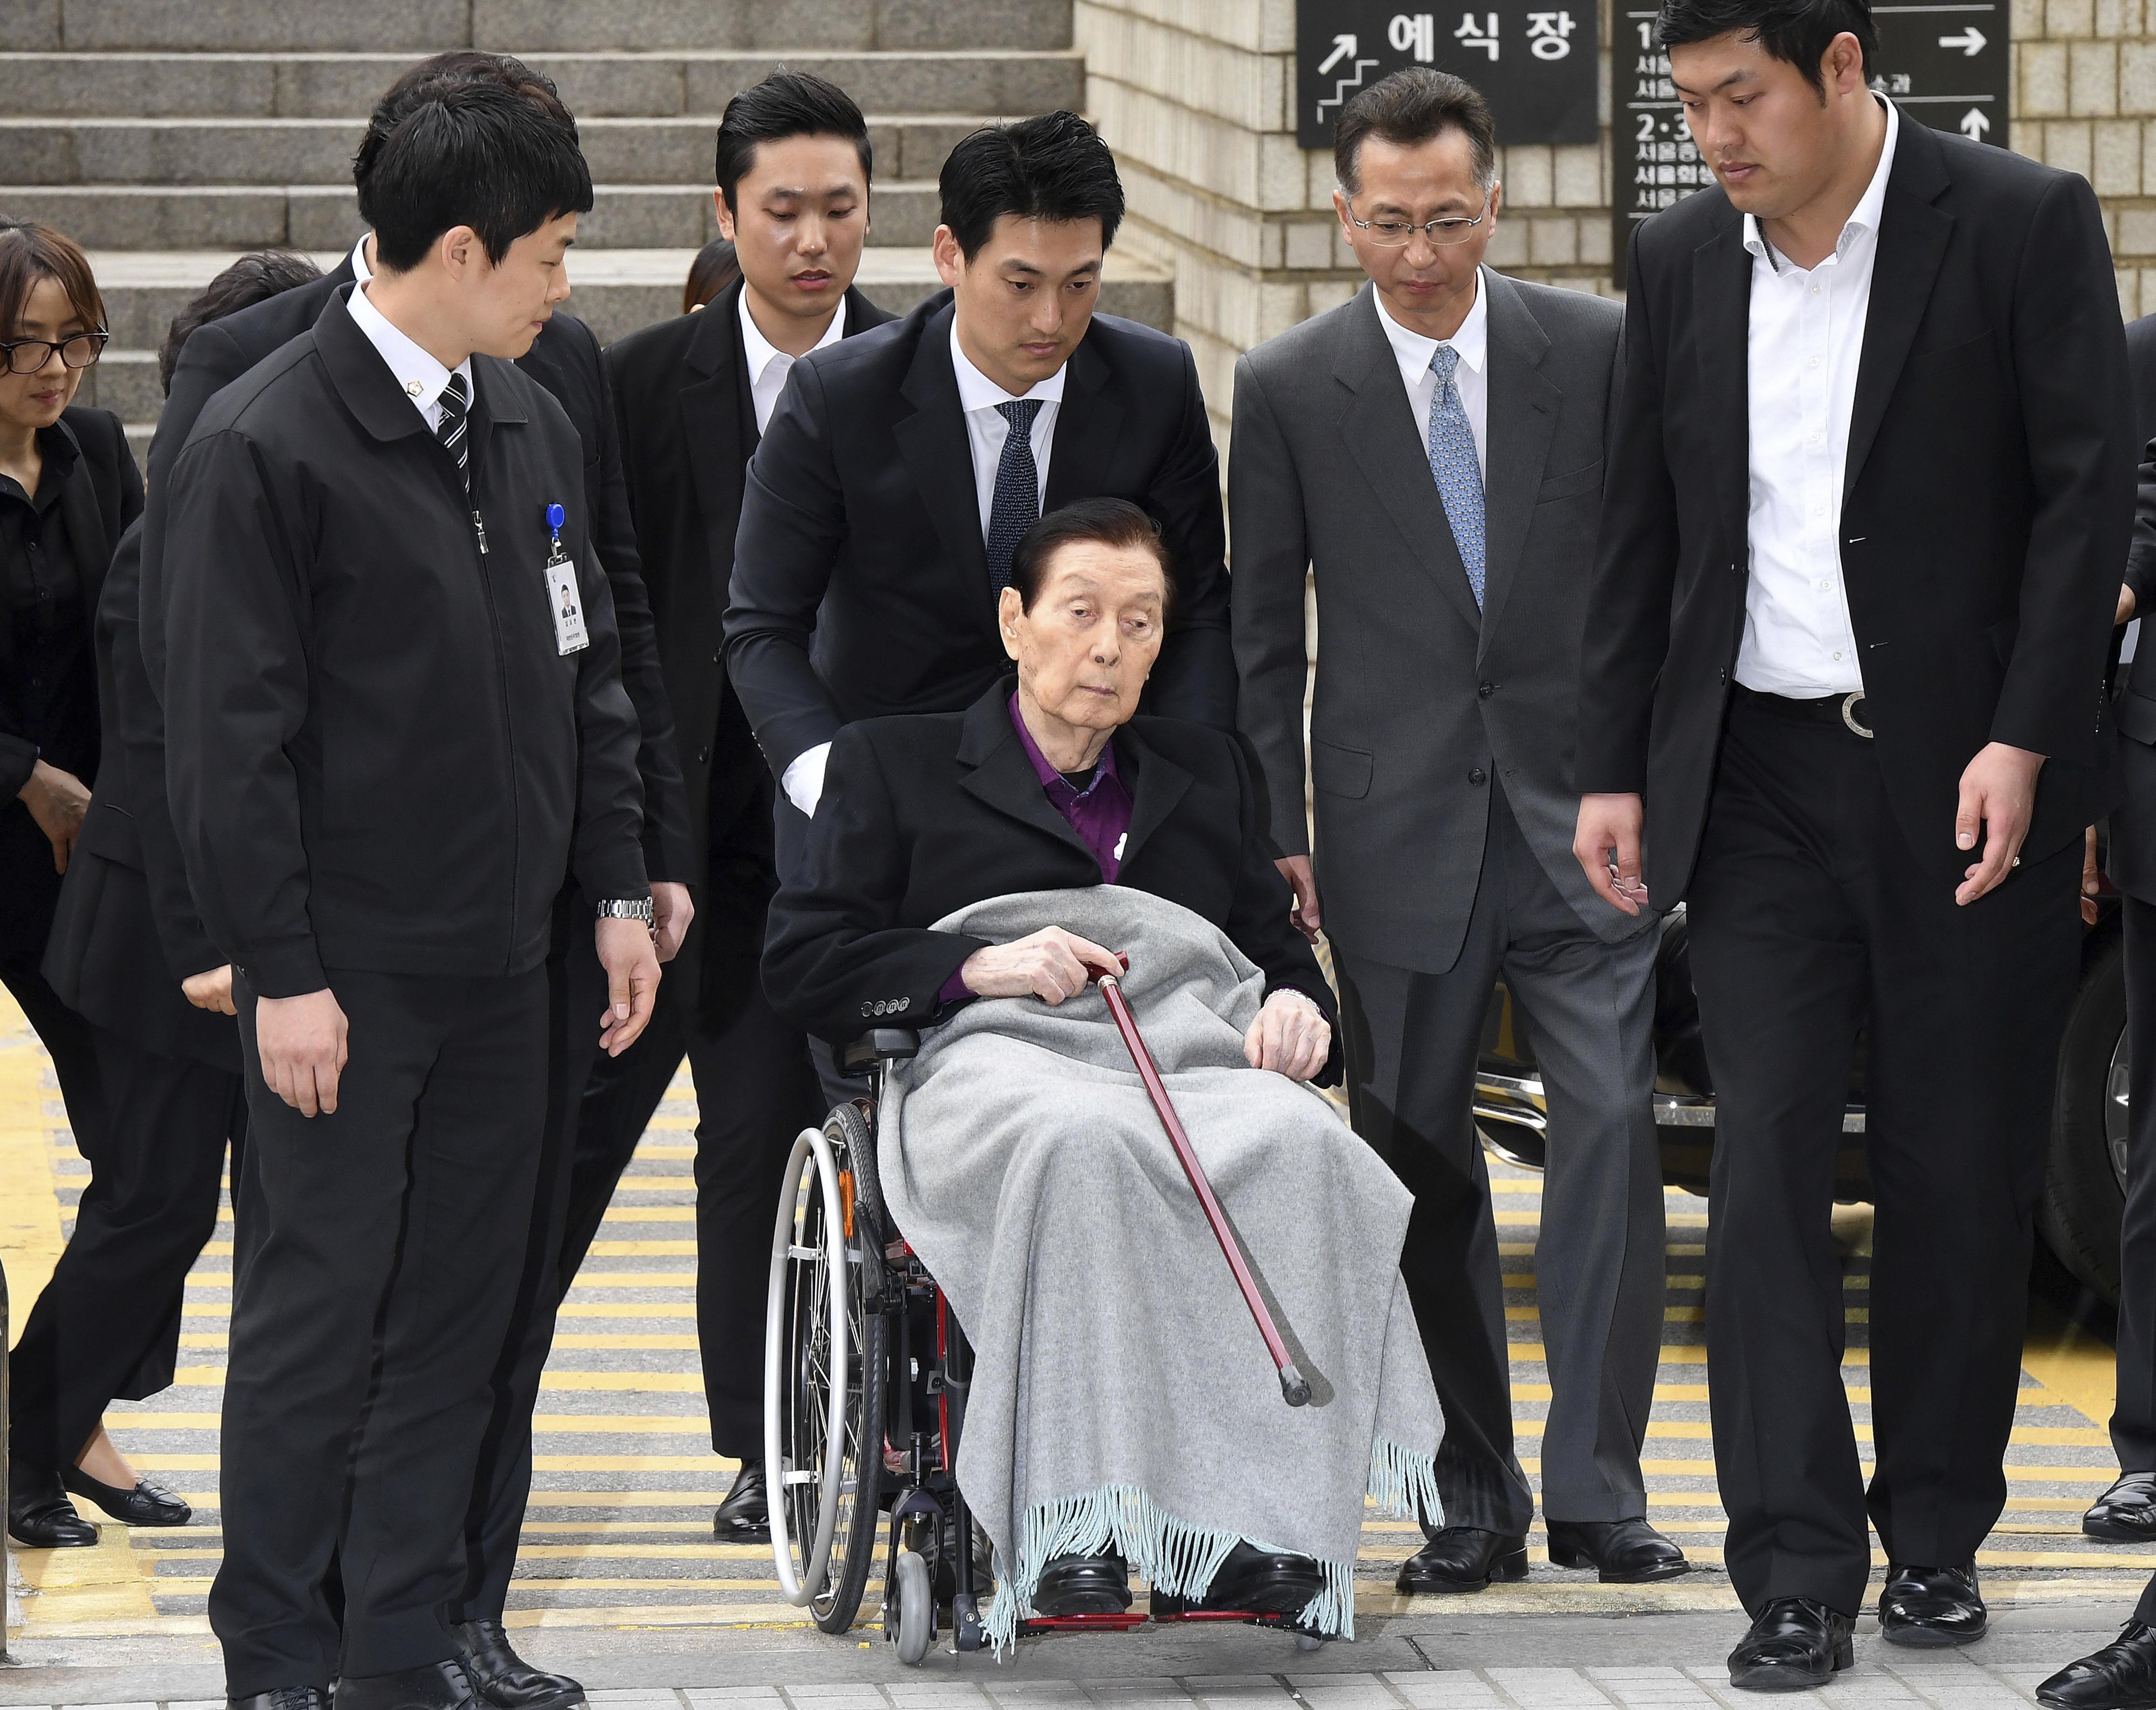 高齡94歲的樂天創辦人辛格浩周一坐著輪椅名出庭受審。(圖/達志影像/美聯社)